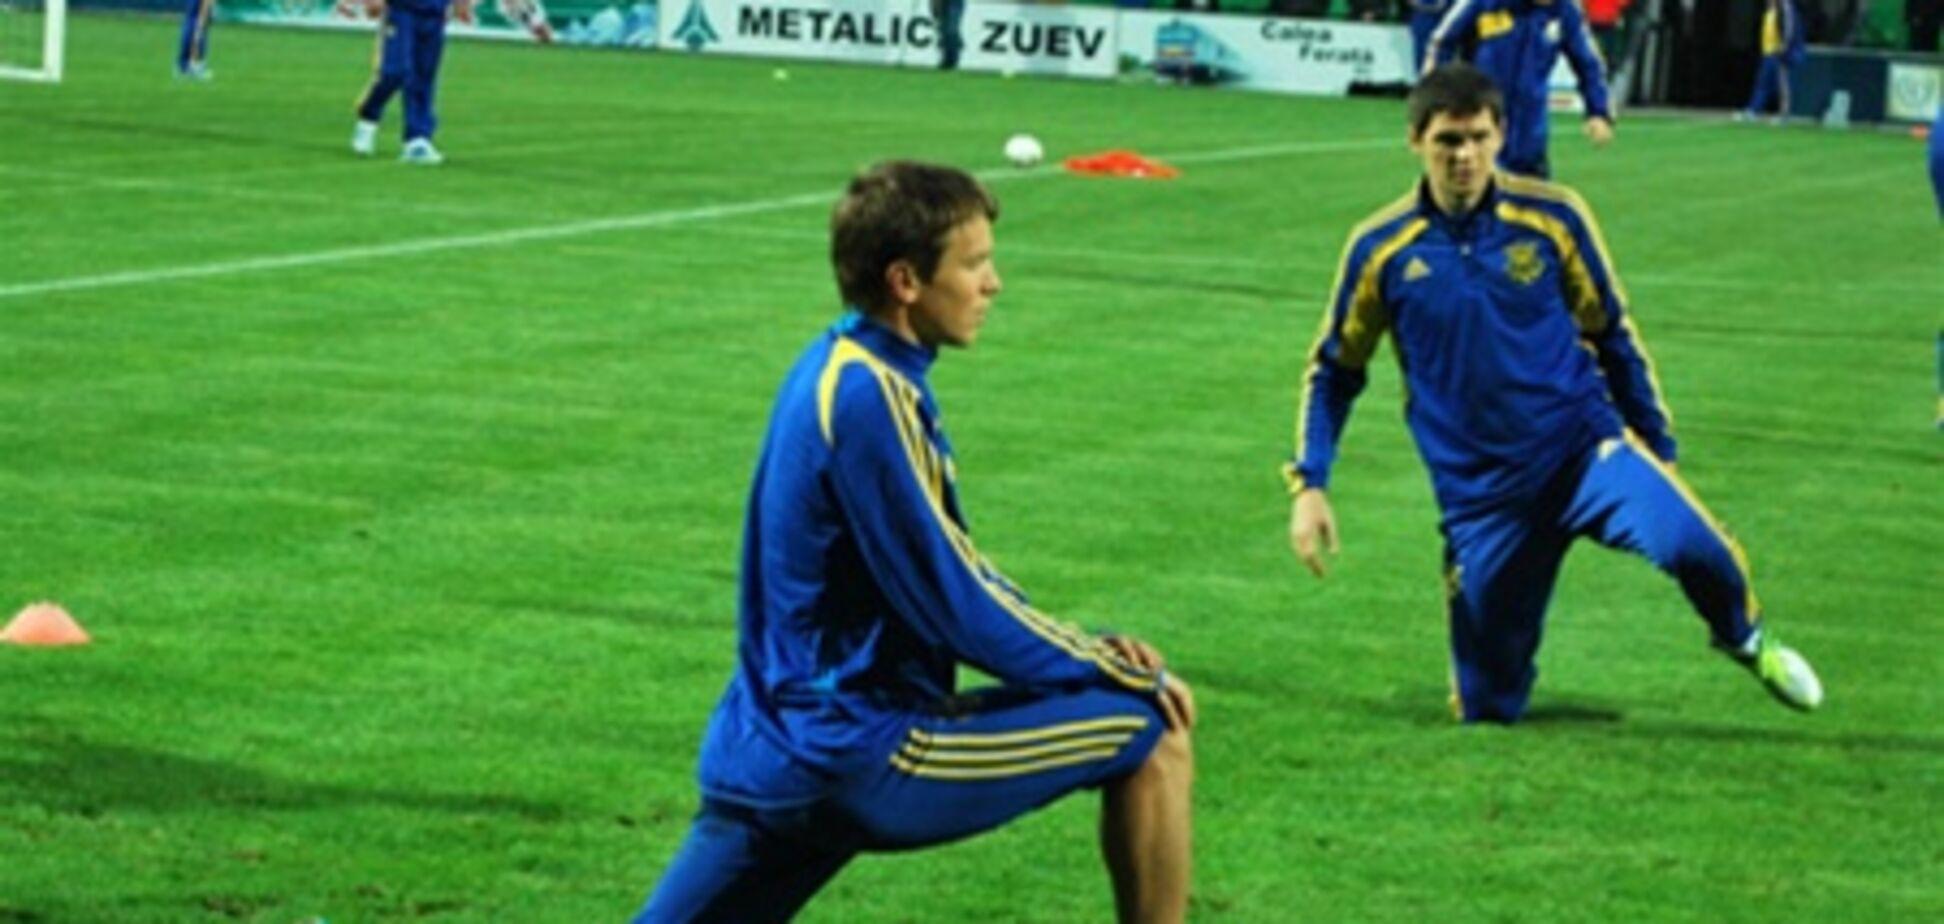 Молдова – Украина: полузакрытая тренировка нашей сборной. Фоторепортаж